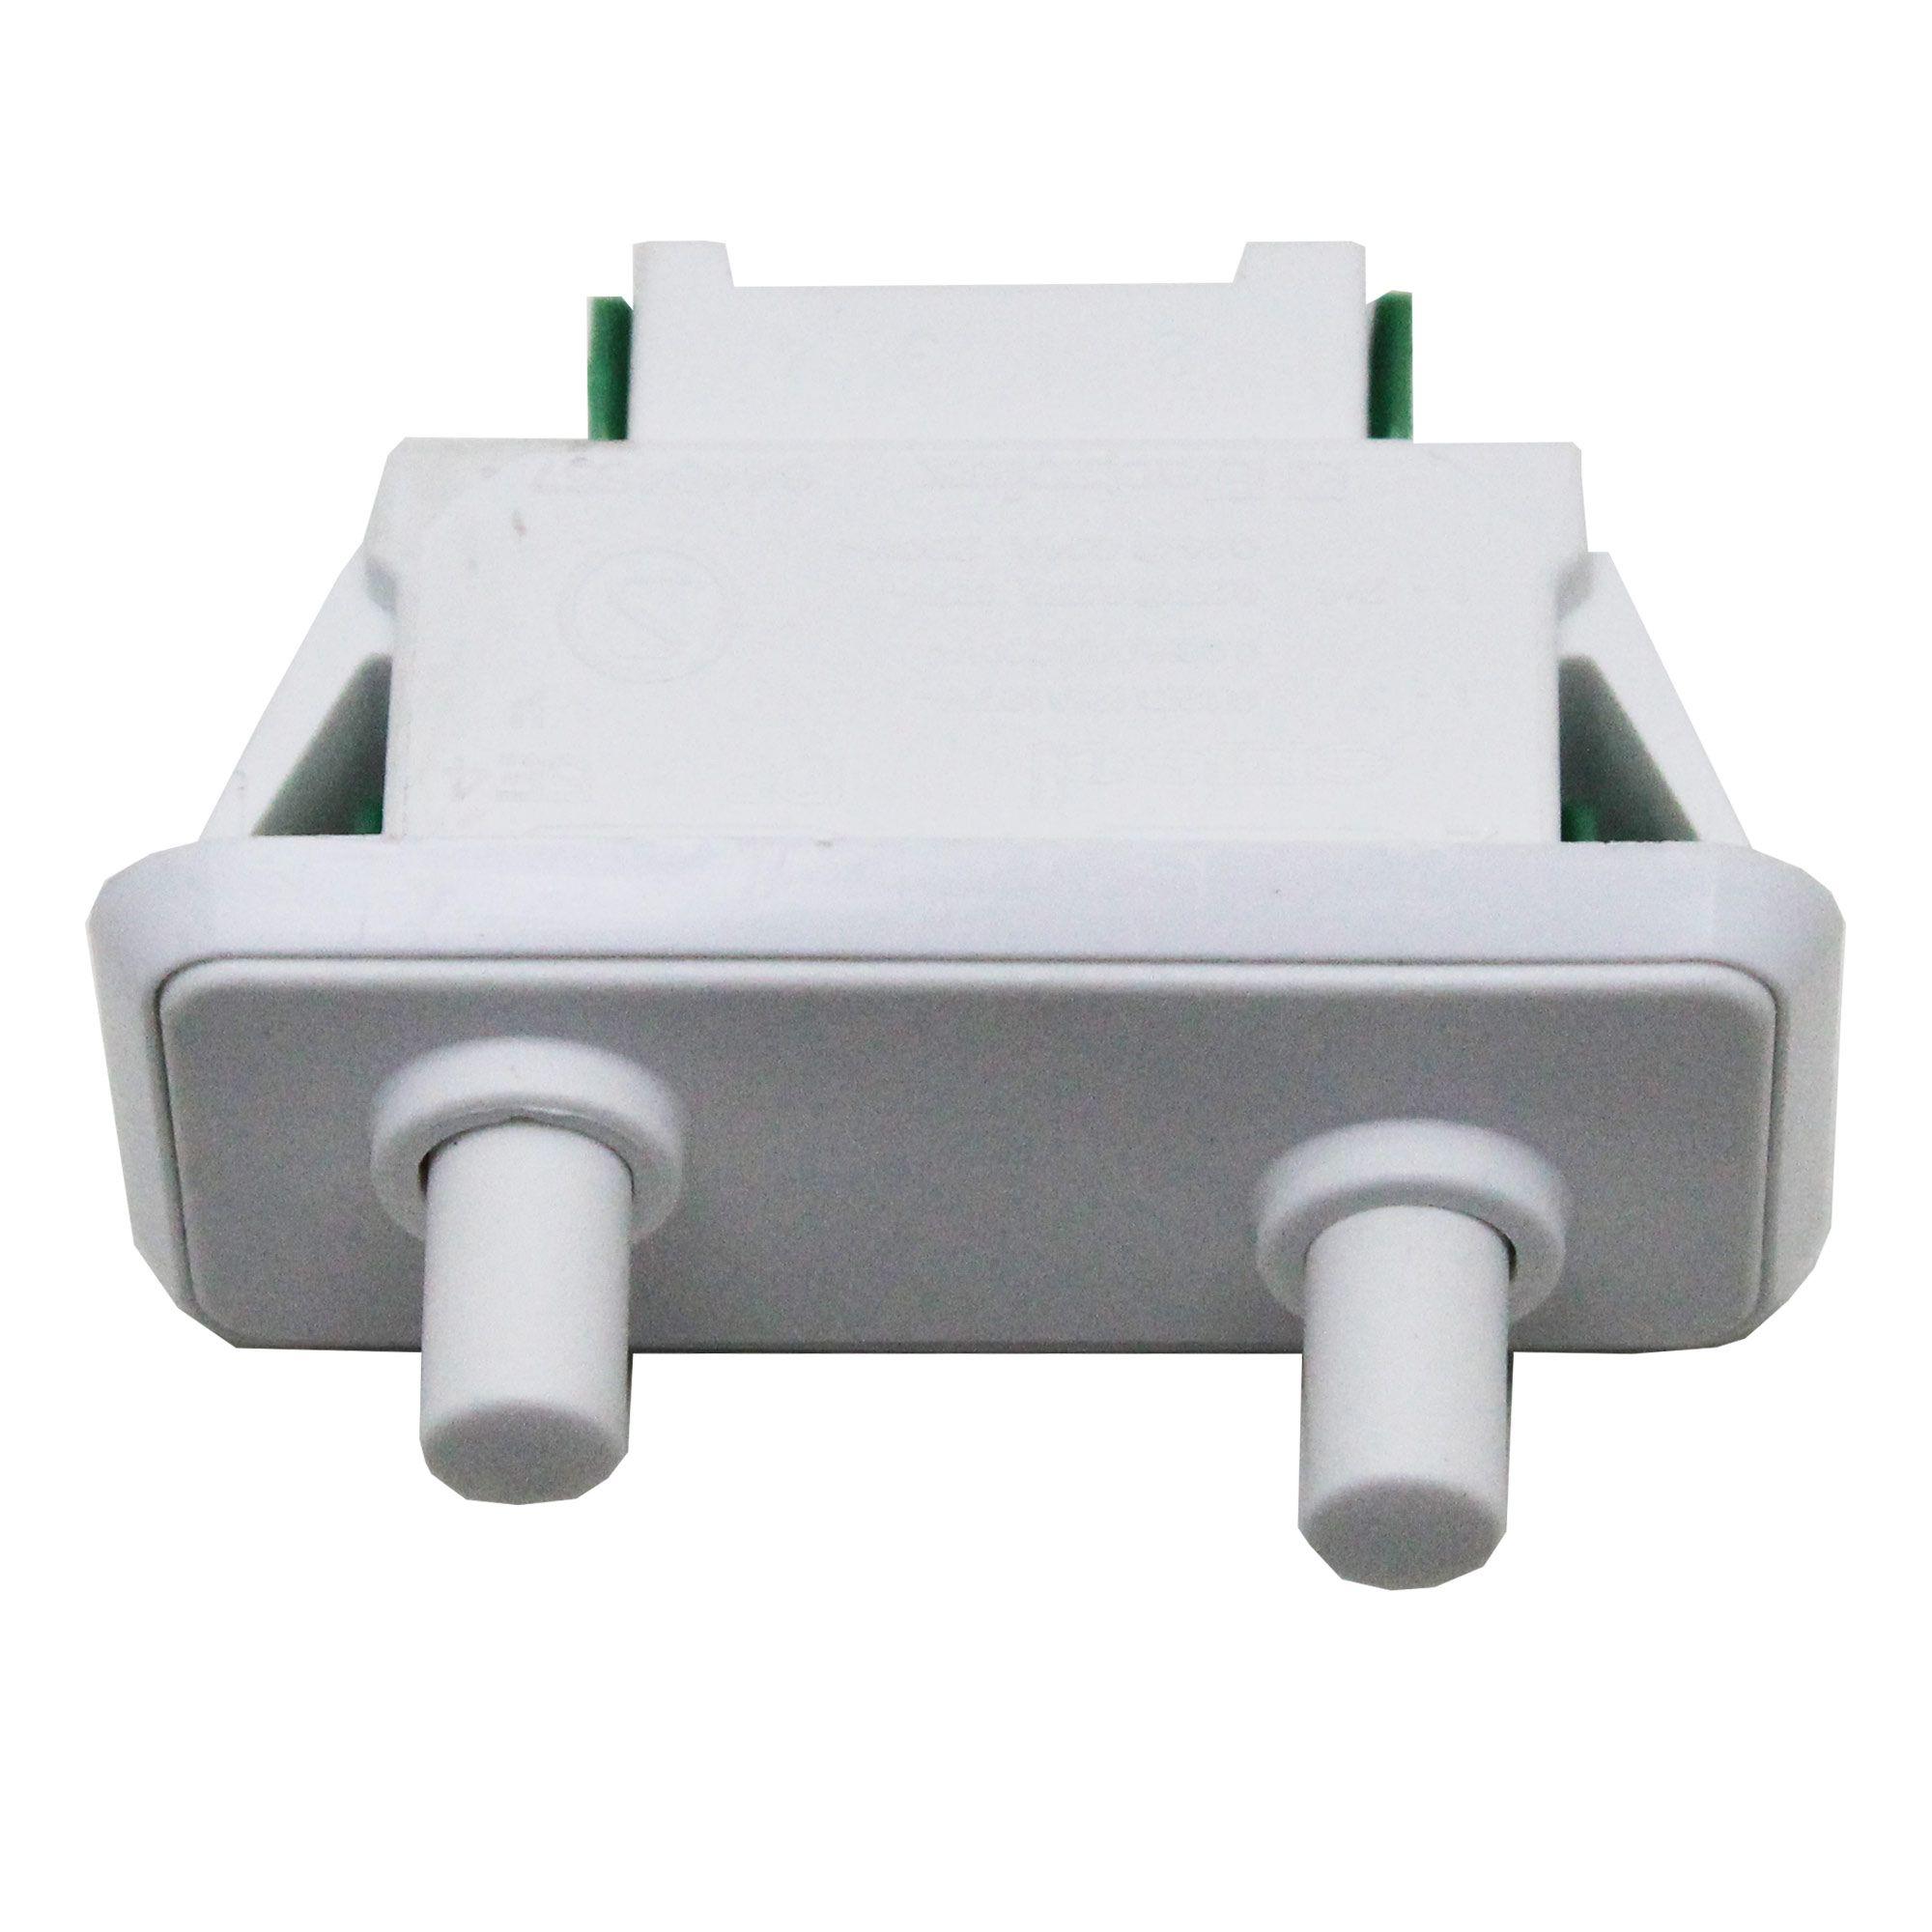 Interruptor Porta Refrigerador Electrolux 64484557